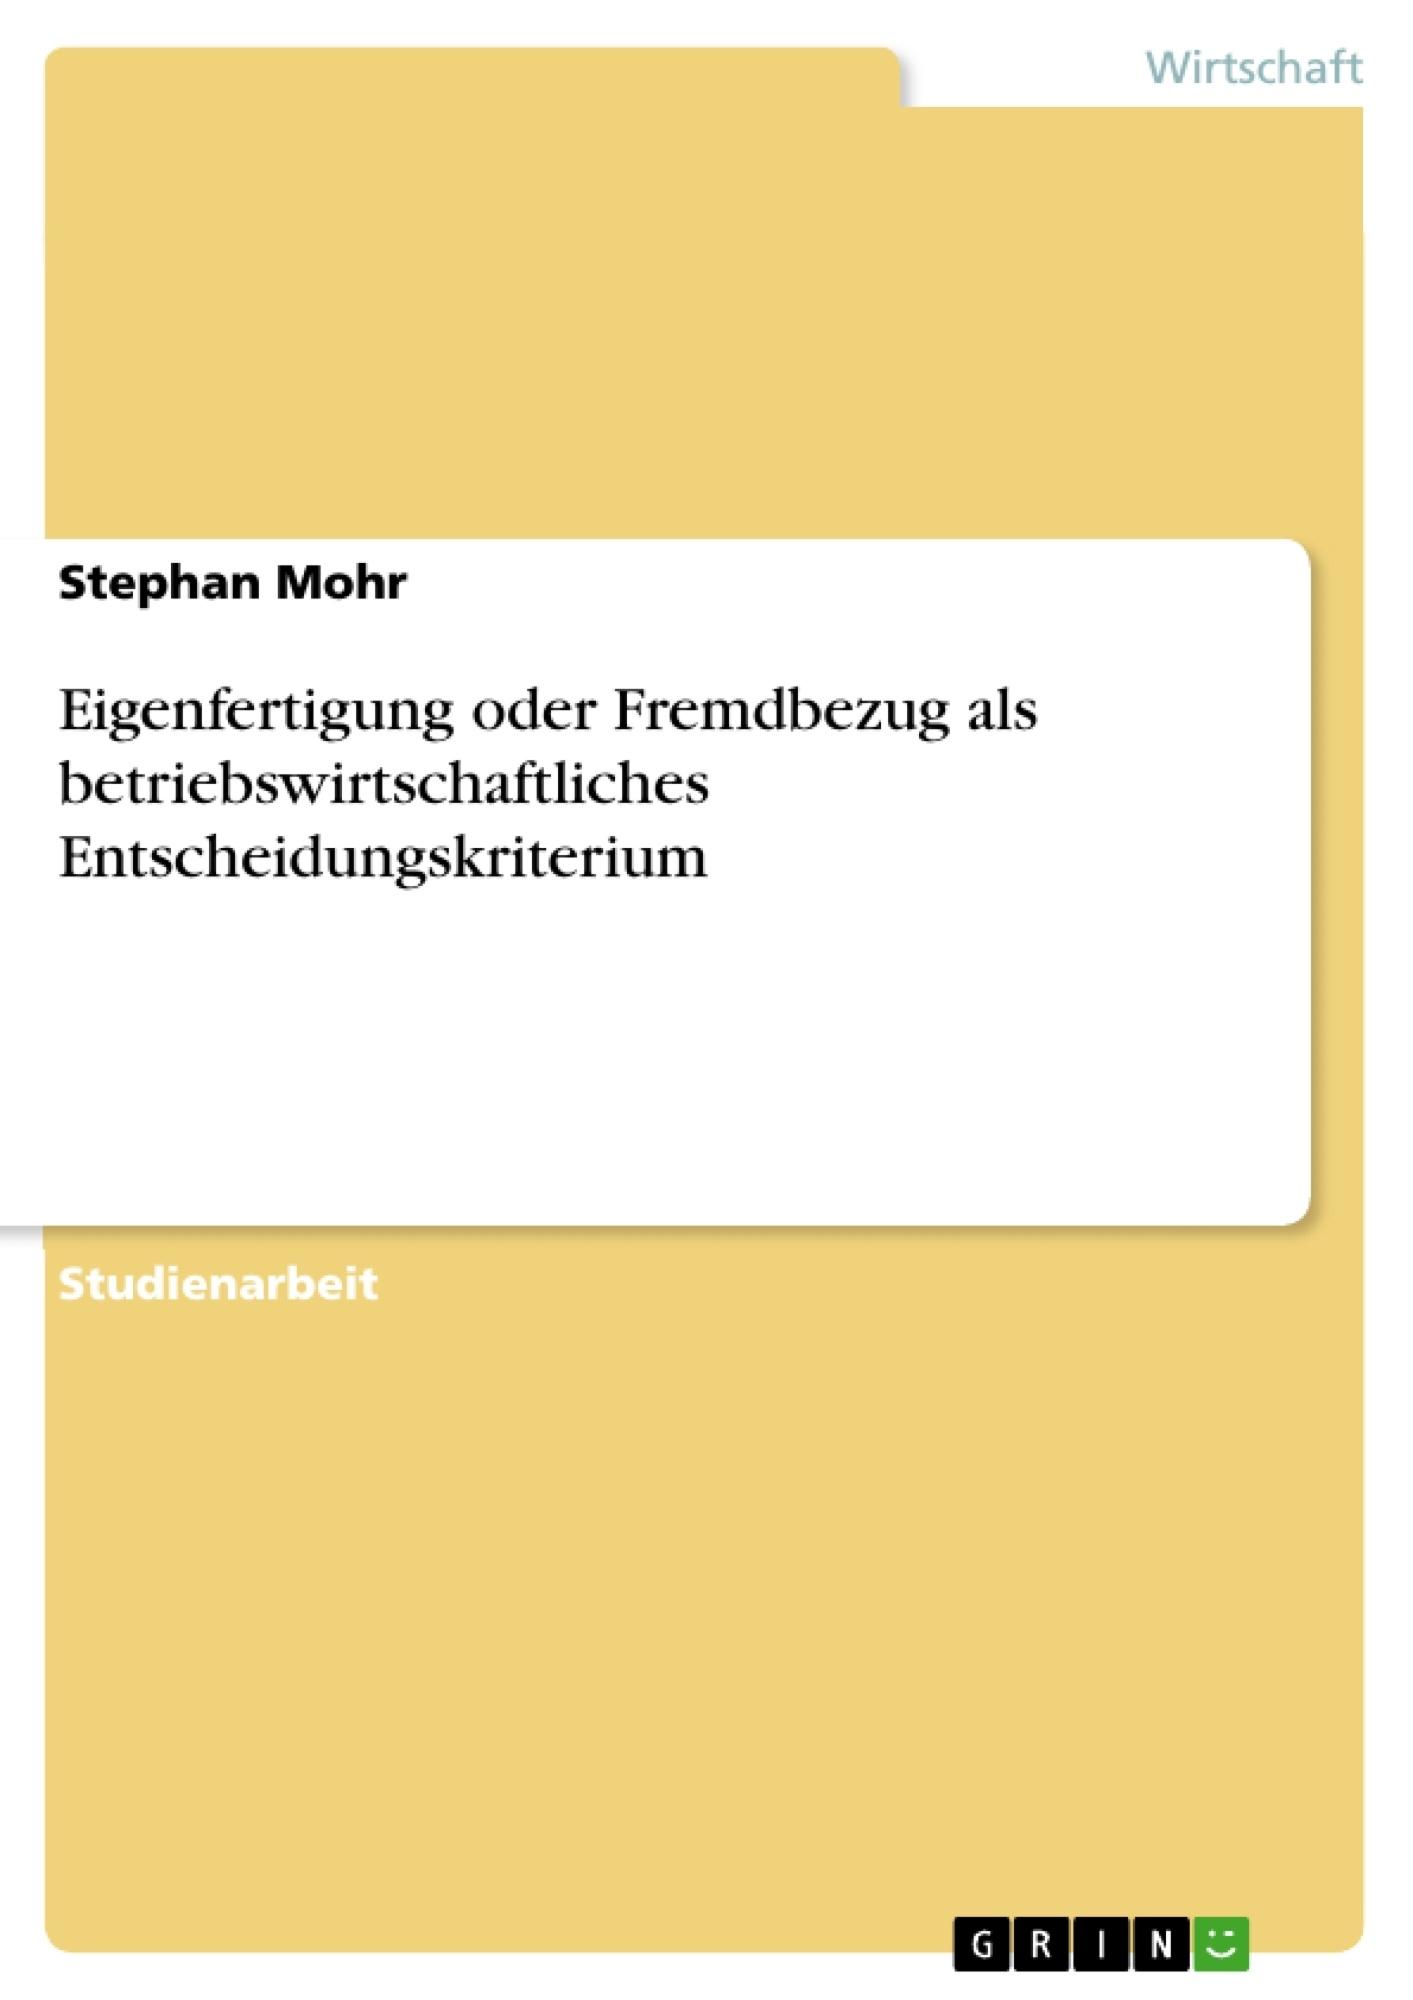 Titel: Eigenfertigung oder Fremdbezug als betriebswirtschaftliches Entscheidungskriterium